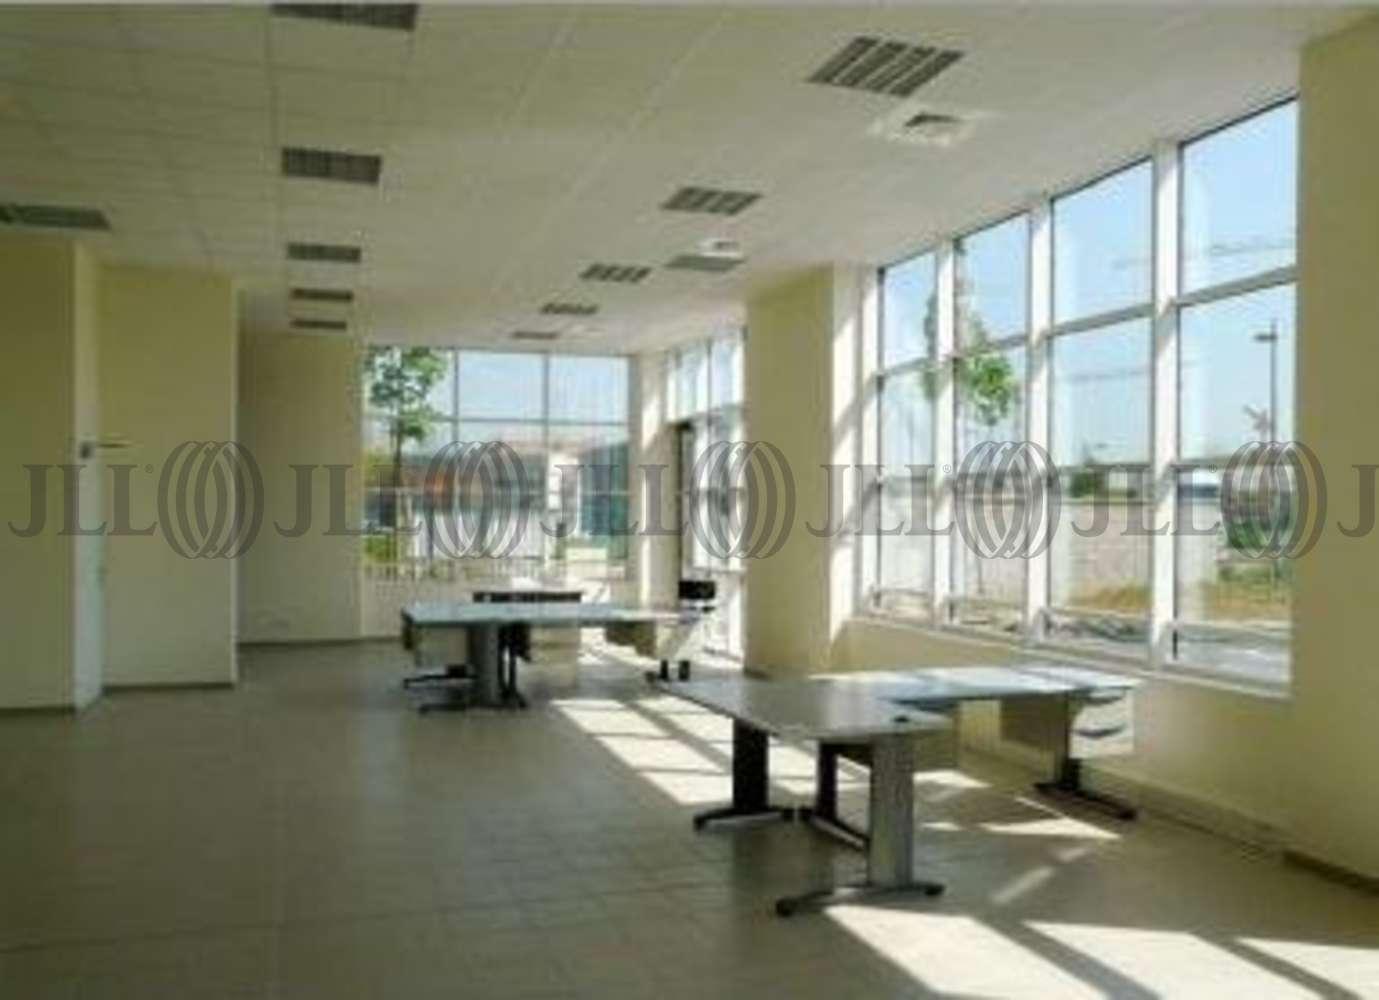 Activités/entrepôt Bussy st georges, 77600 - ZAC LEONARD DE VINCI - 9448288